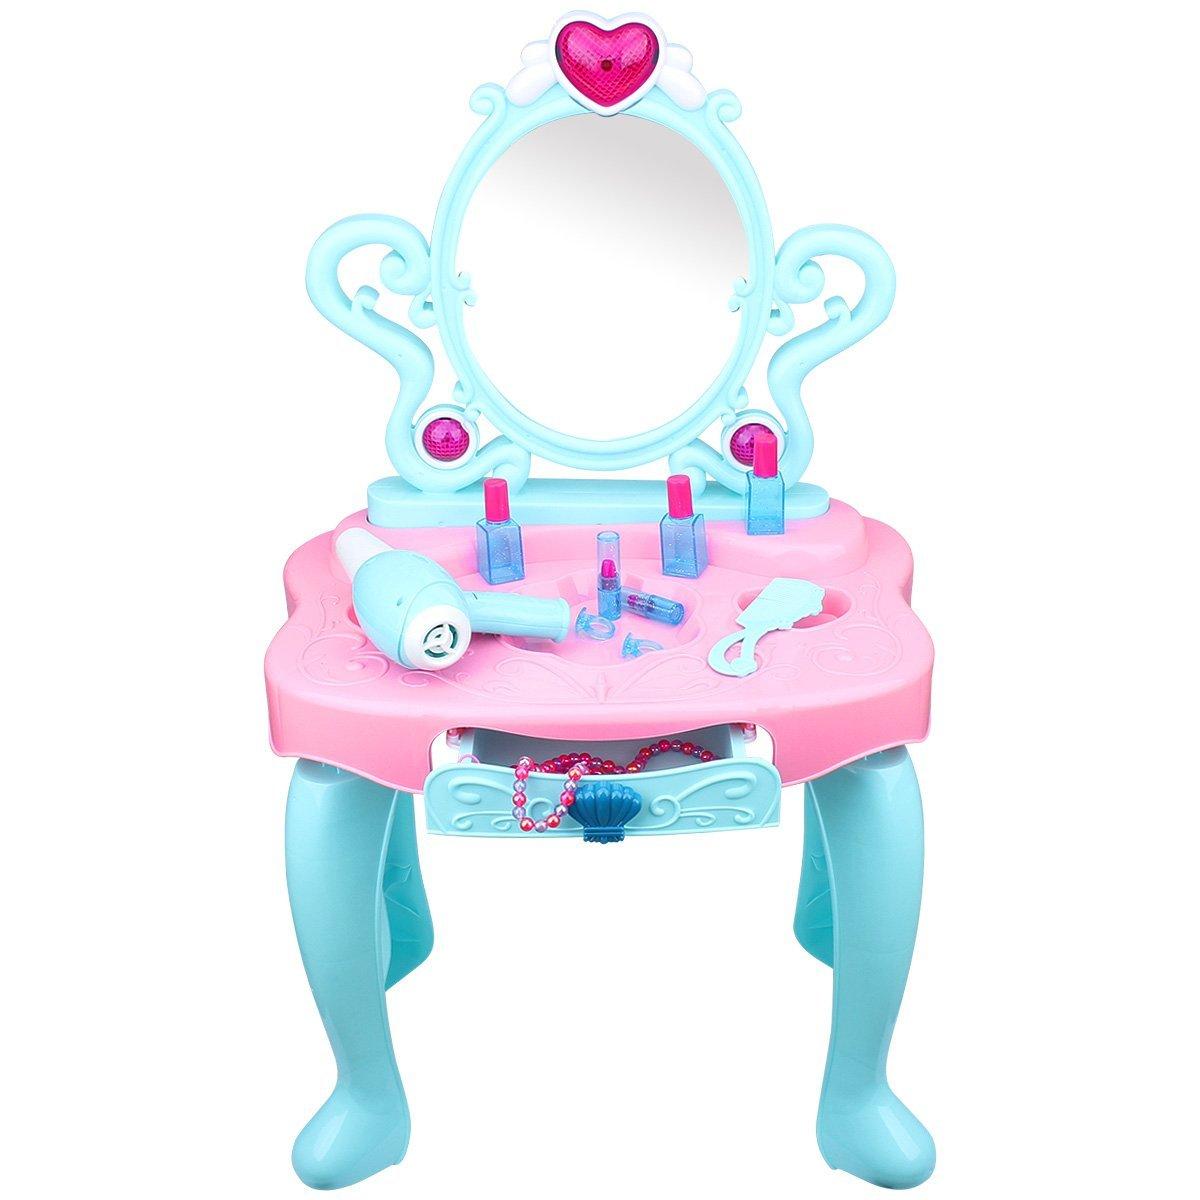 新品】ままごと ドレッサー おもちゃ 姫系 子供 女の子 FlyCreat